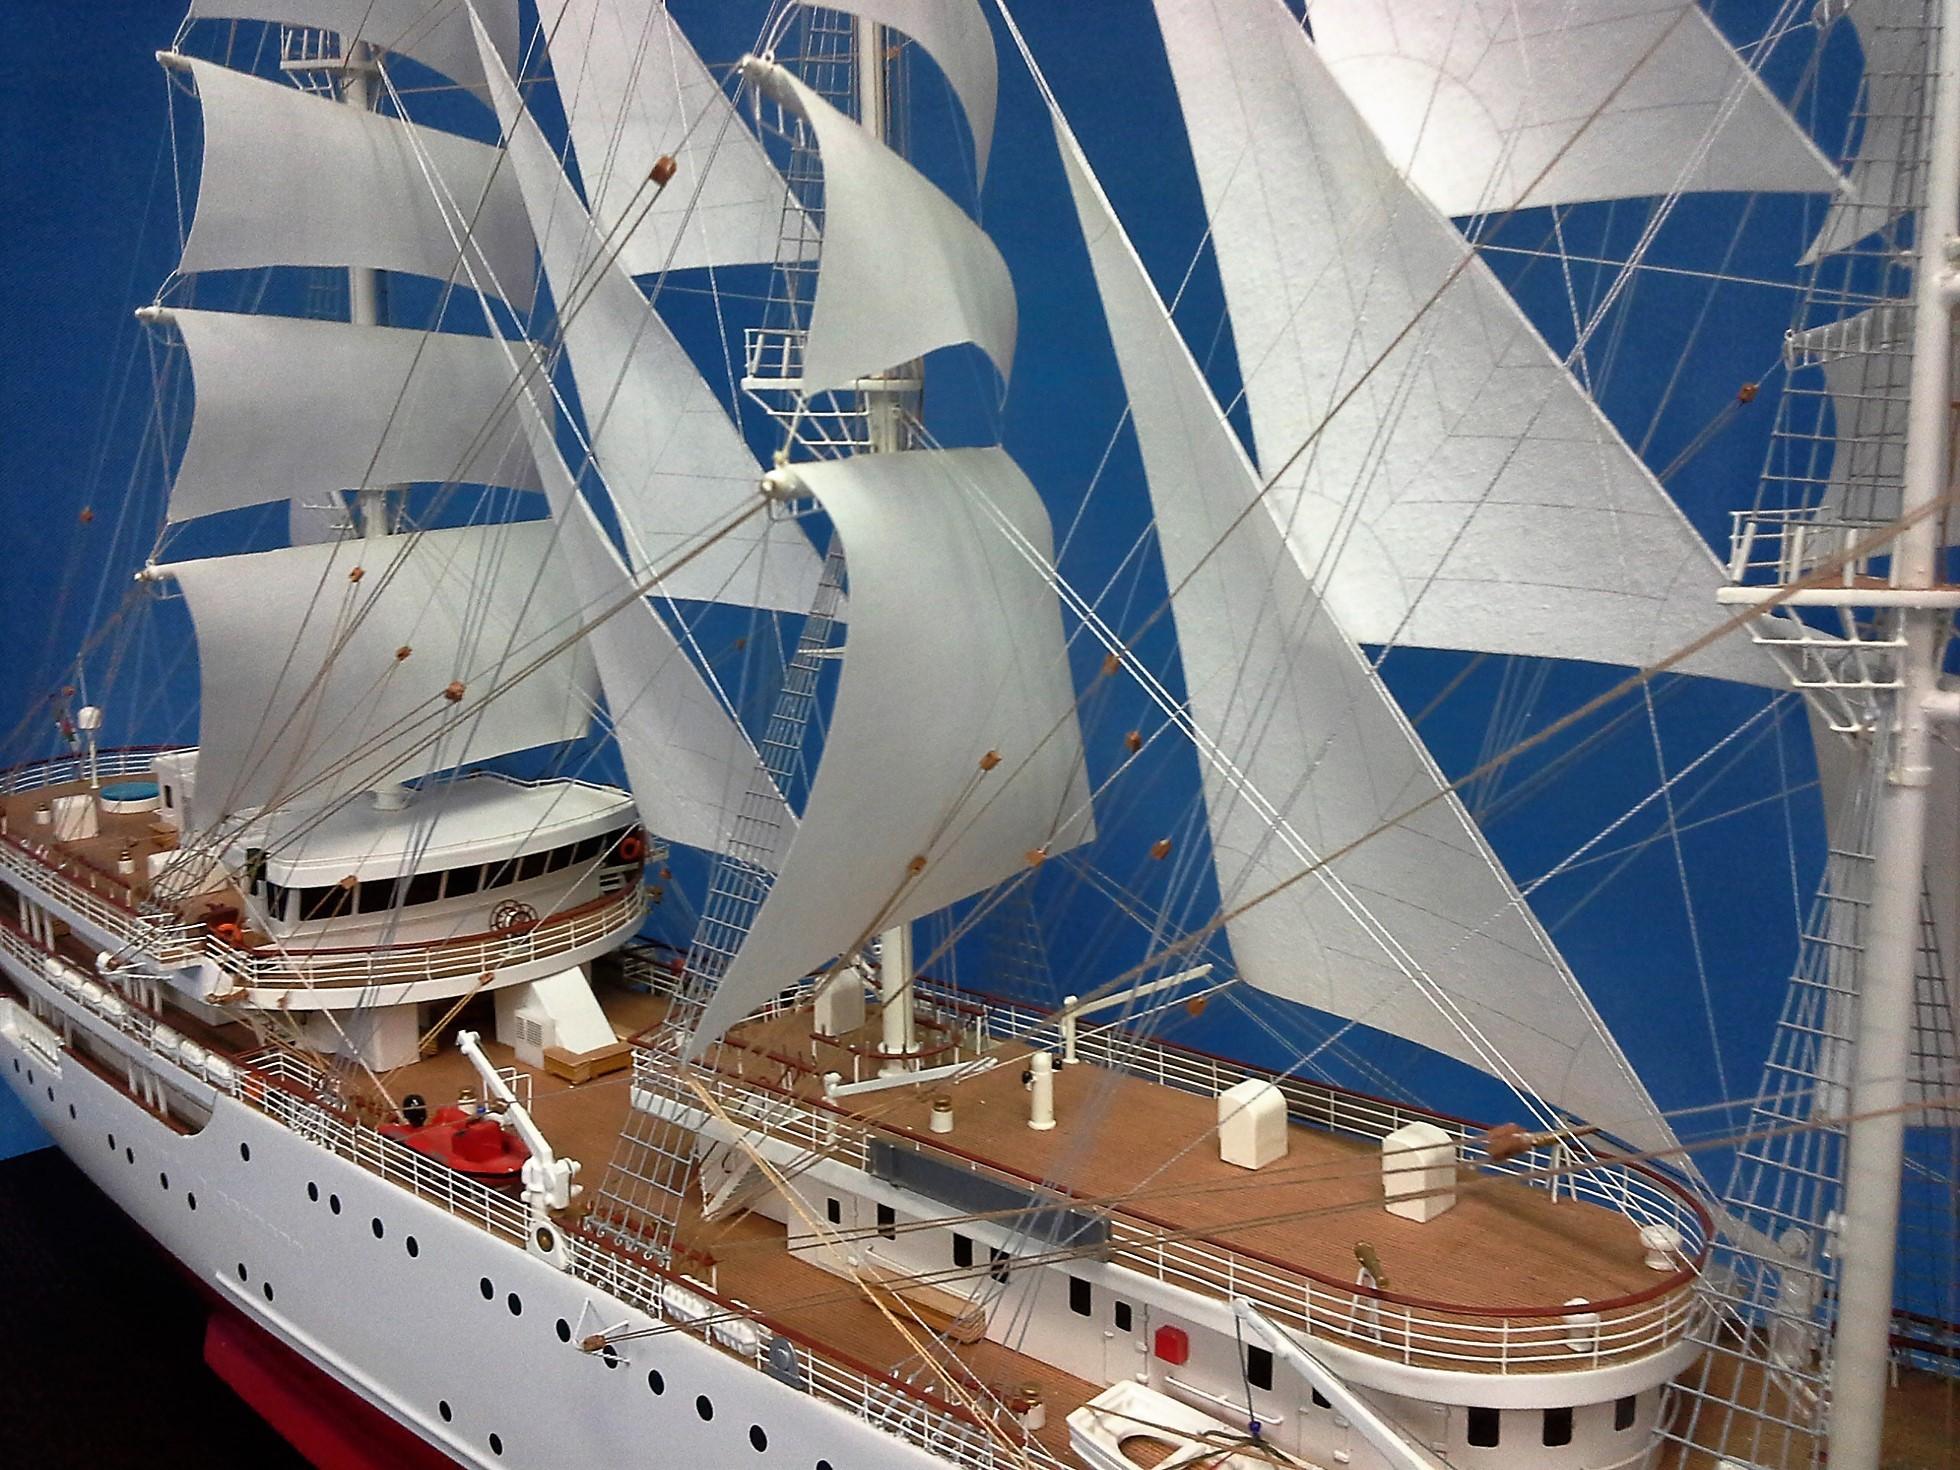 صور السفينة الشراعية الجزائرية  [ الملاح 938 ] - صفحة 11 43026938361_59de08ee5f_o